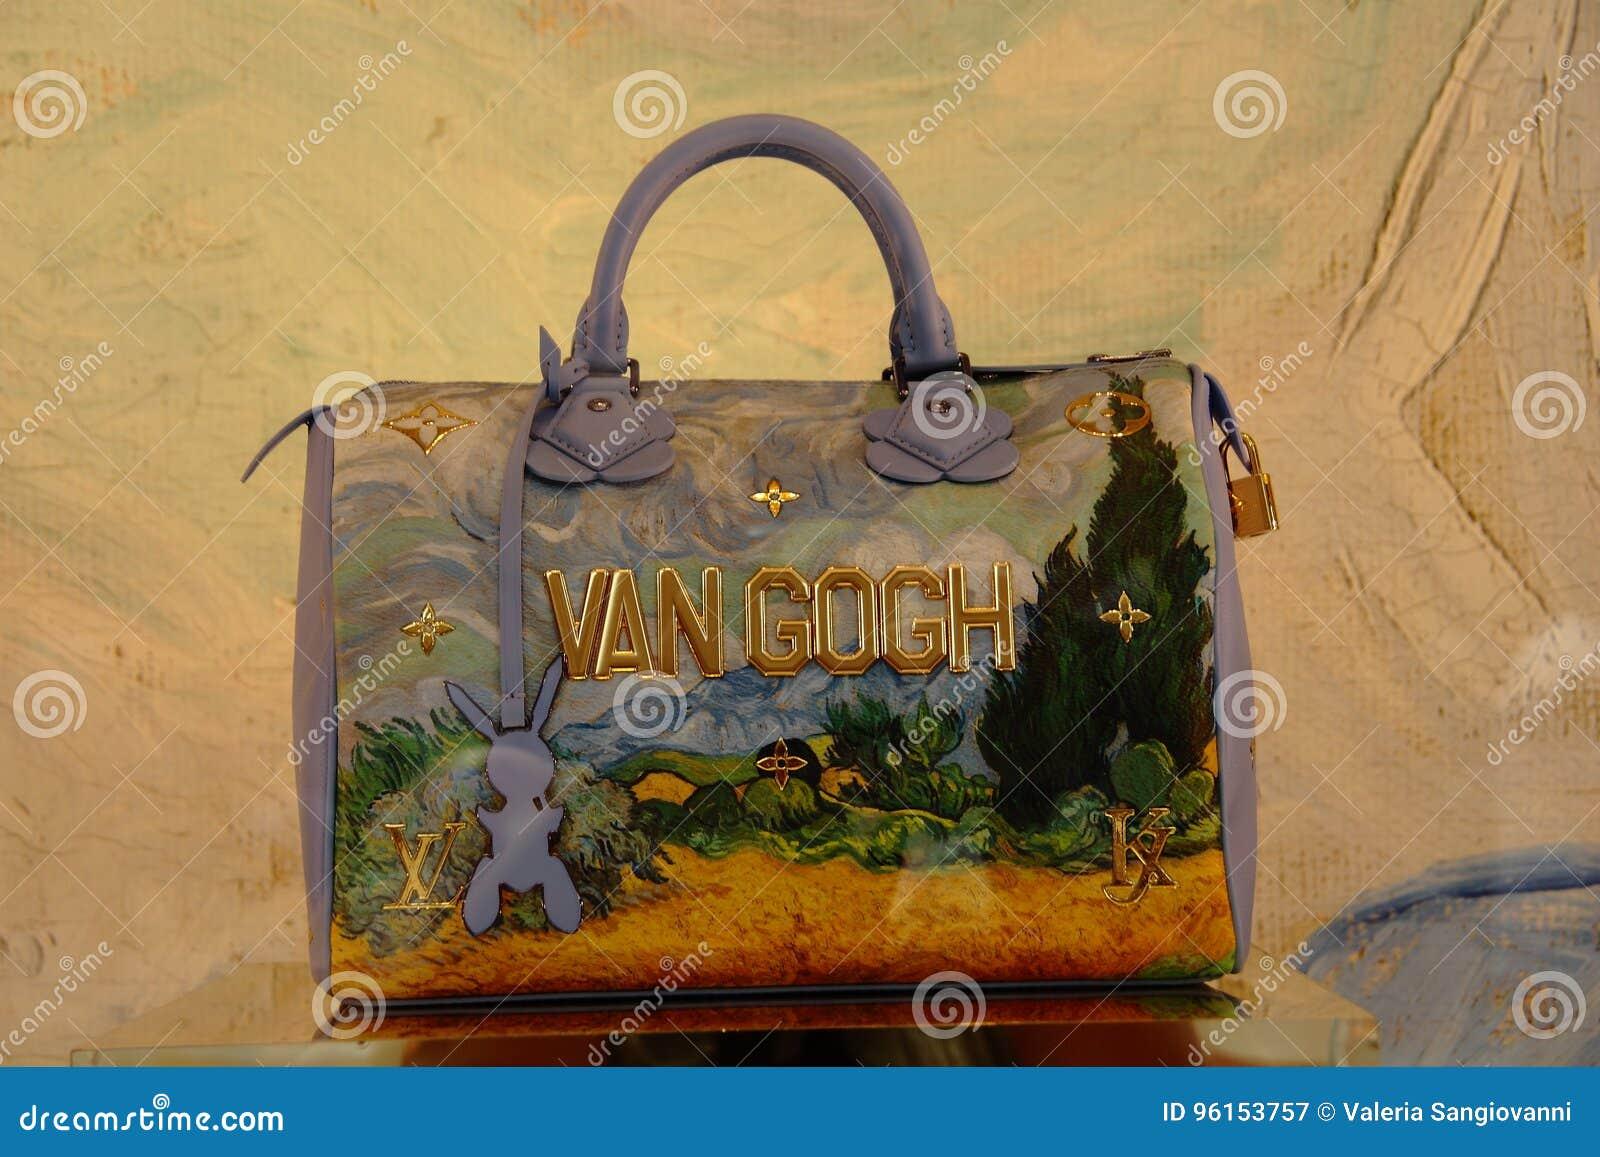 23a2873d92231 Louis Vuitton Samochód dostawczy Gogh torba w sklepowym okno przy Galleria  Vittorio Emanuele II w Mediolan